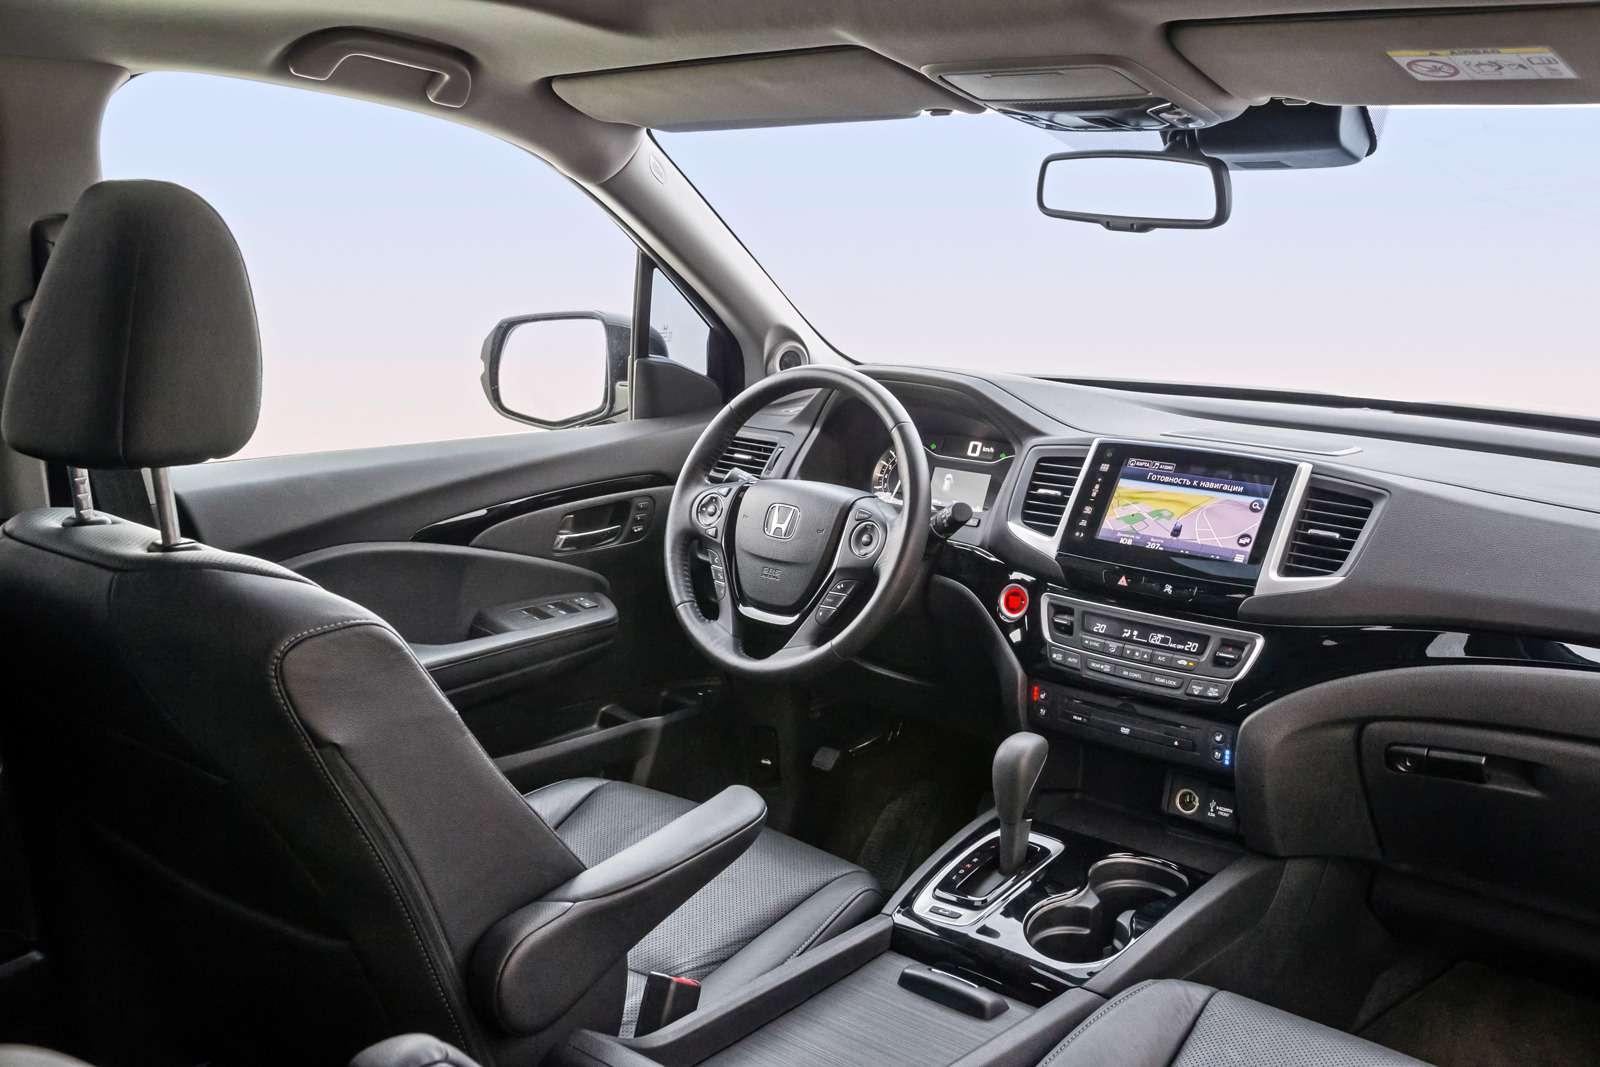 Тест полноразмерных кроссоверов: Honda Pilot, Kia Sorento Prime иFord Explorer— фото 614970